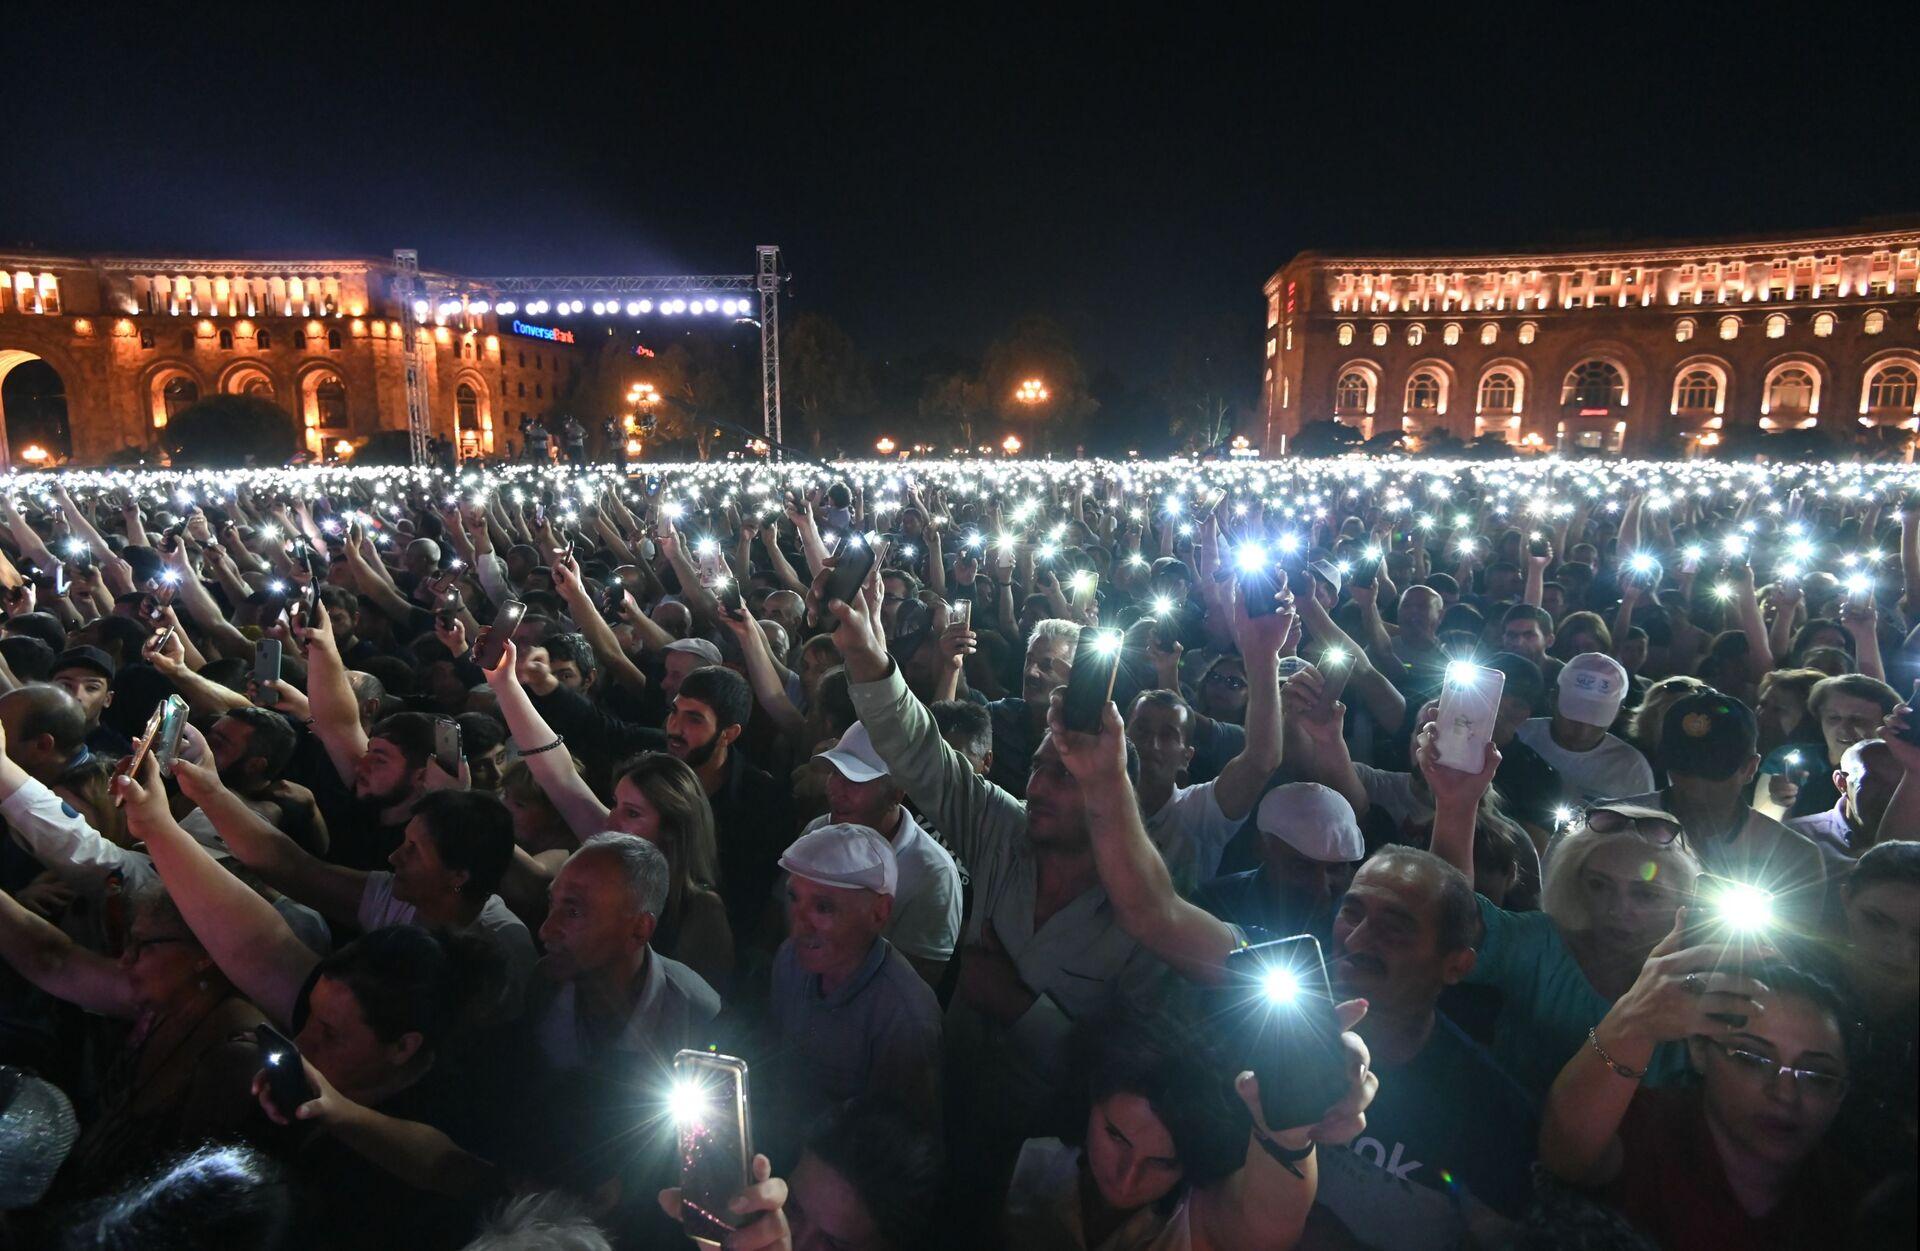 Parlamento seçimlerini önde tamamlayan Ermenistan Başbakan Vekili Nikol Paşinyan, ülkede 9 Kasım 2020'de başlayan krizin sona erdiğini ve yarından itibaren normal şekilde çalışmaya başlayabileceklerini söyledi. - Sputnik Türkiye, 1920, 10.08.2021